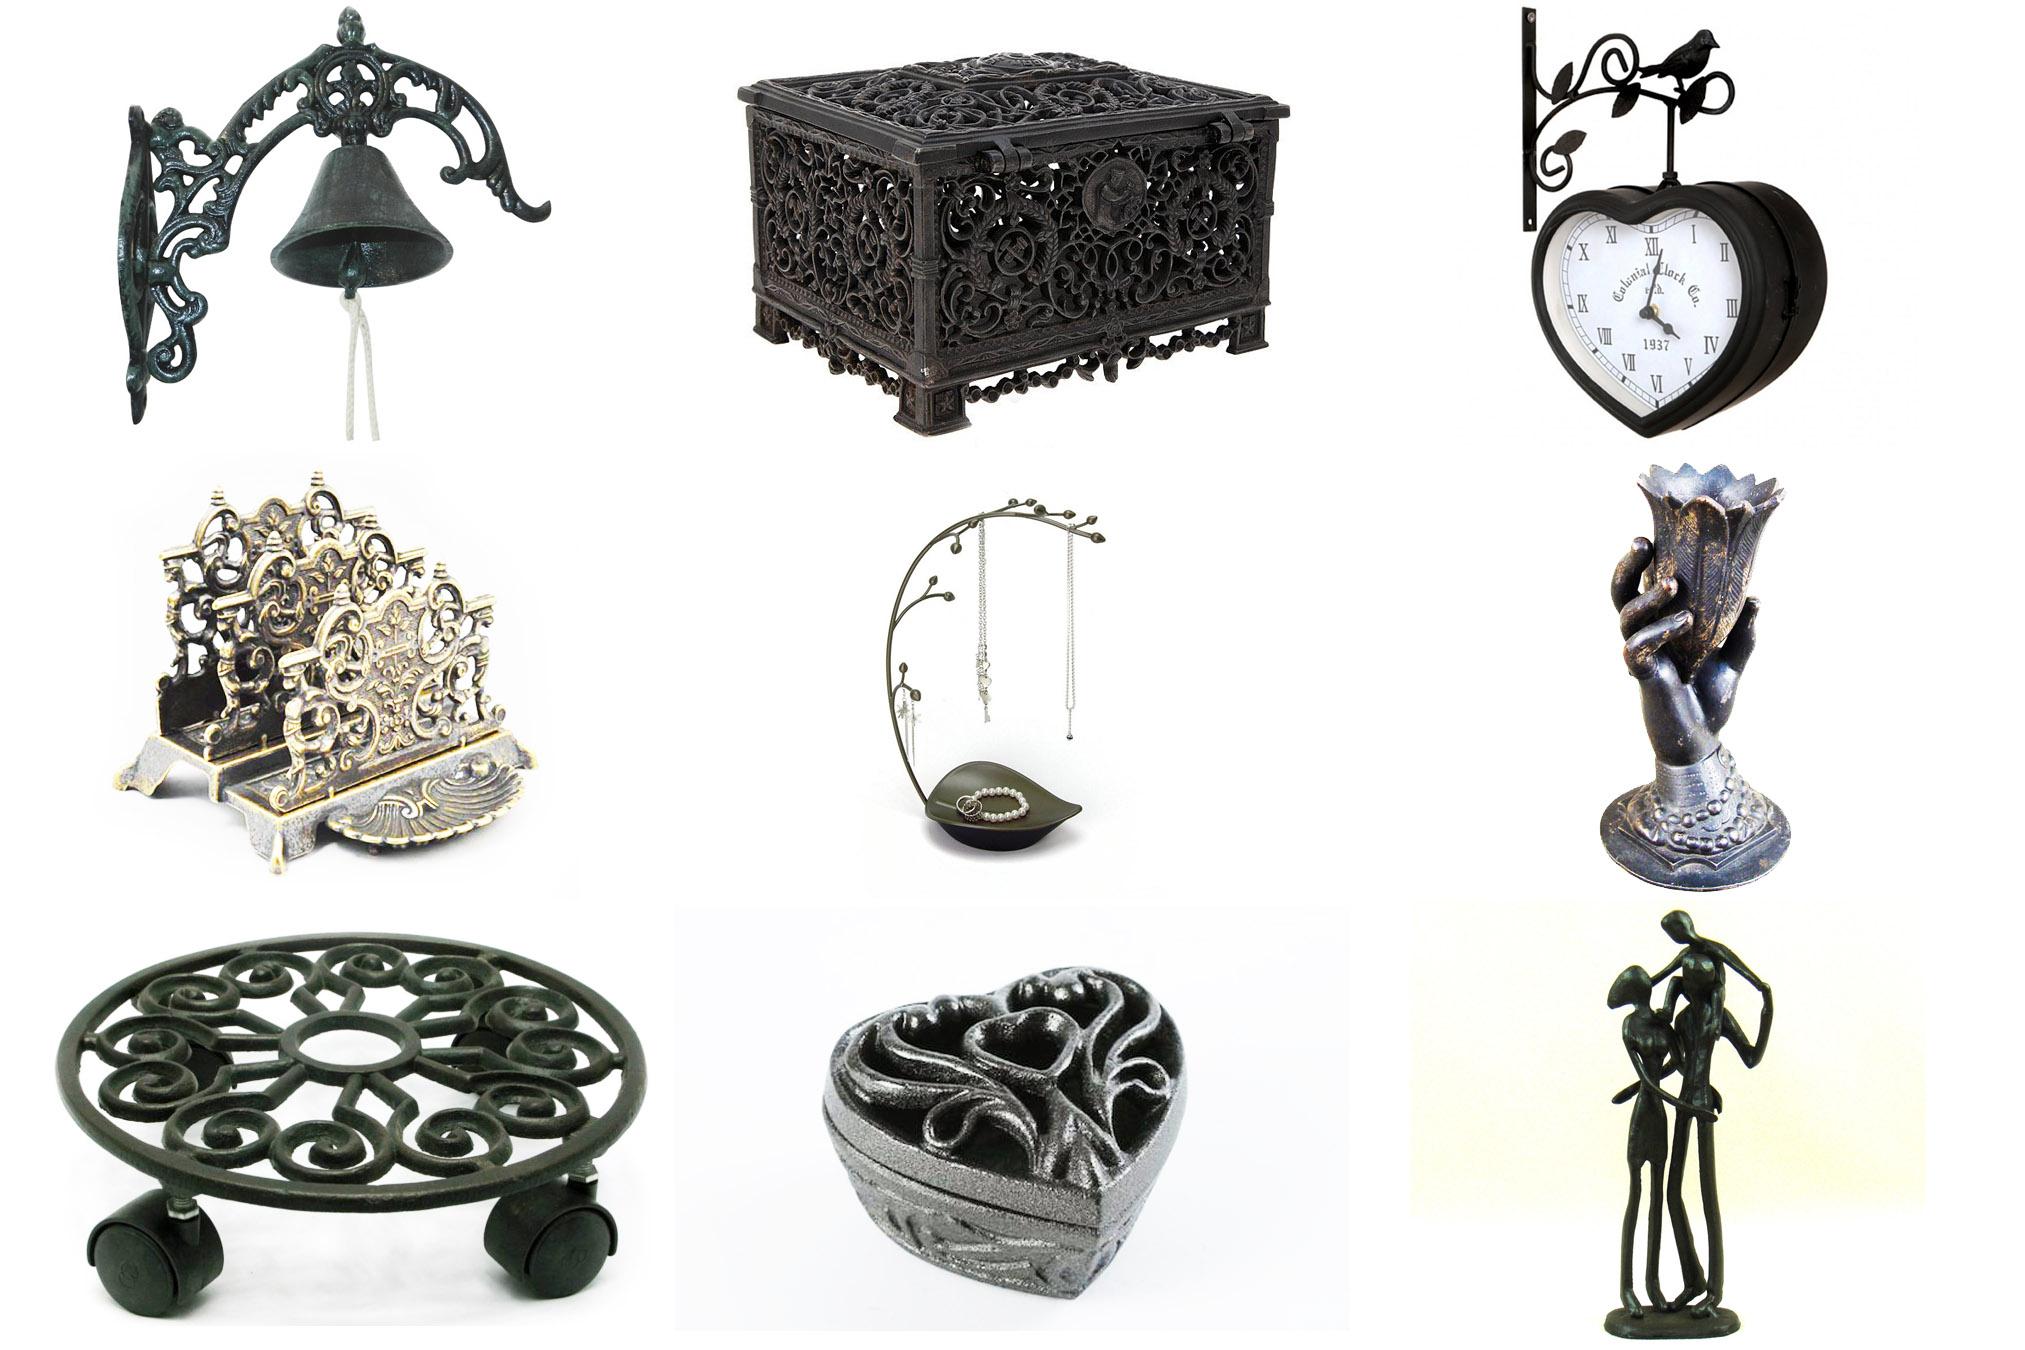 Сувениры из чугуна на 6 годовщину свадьбы